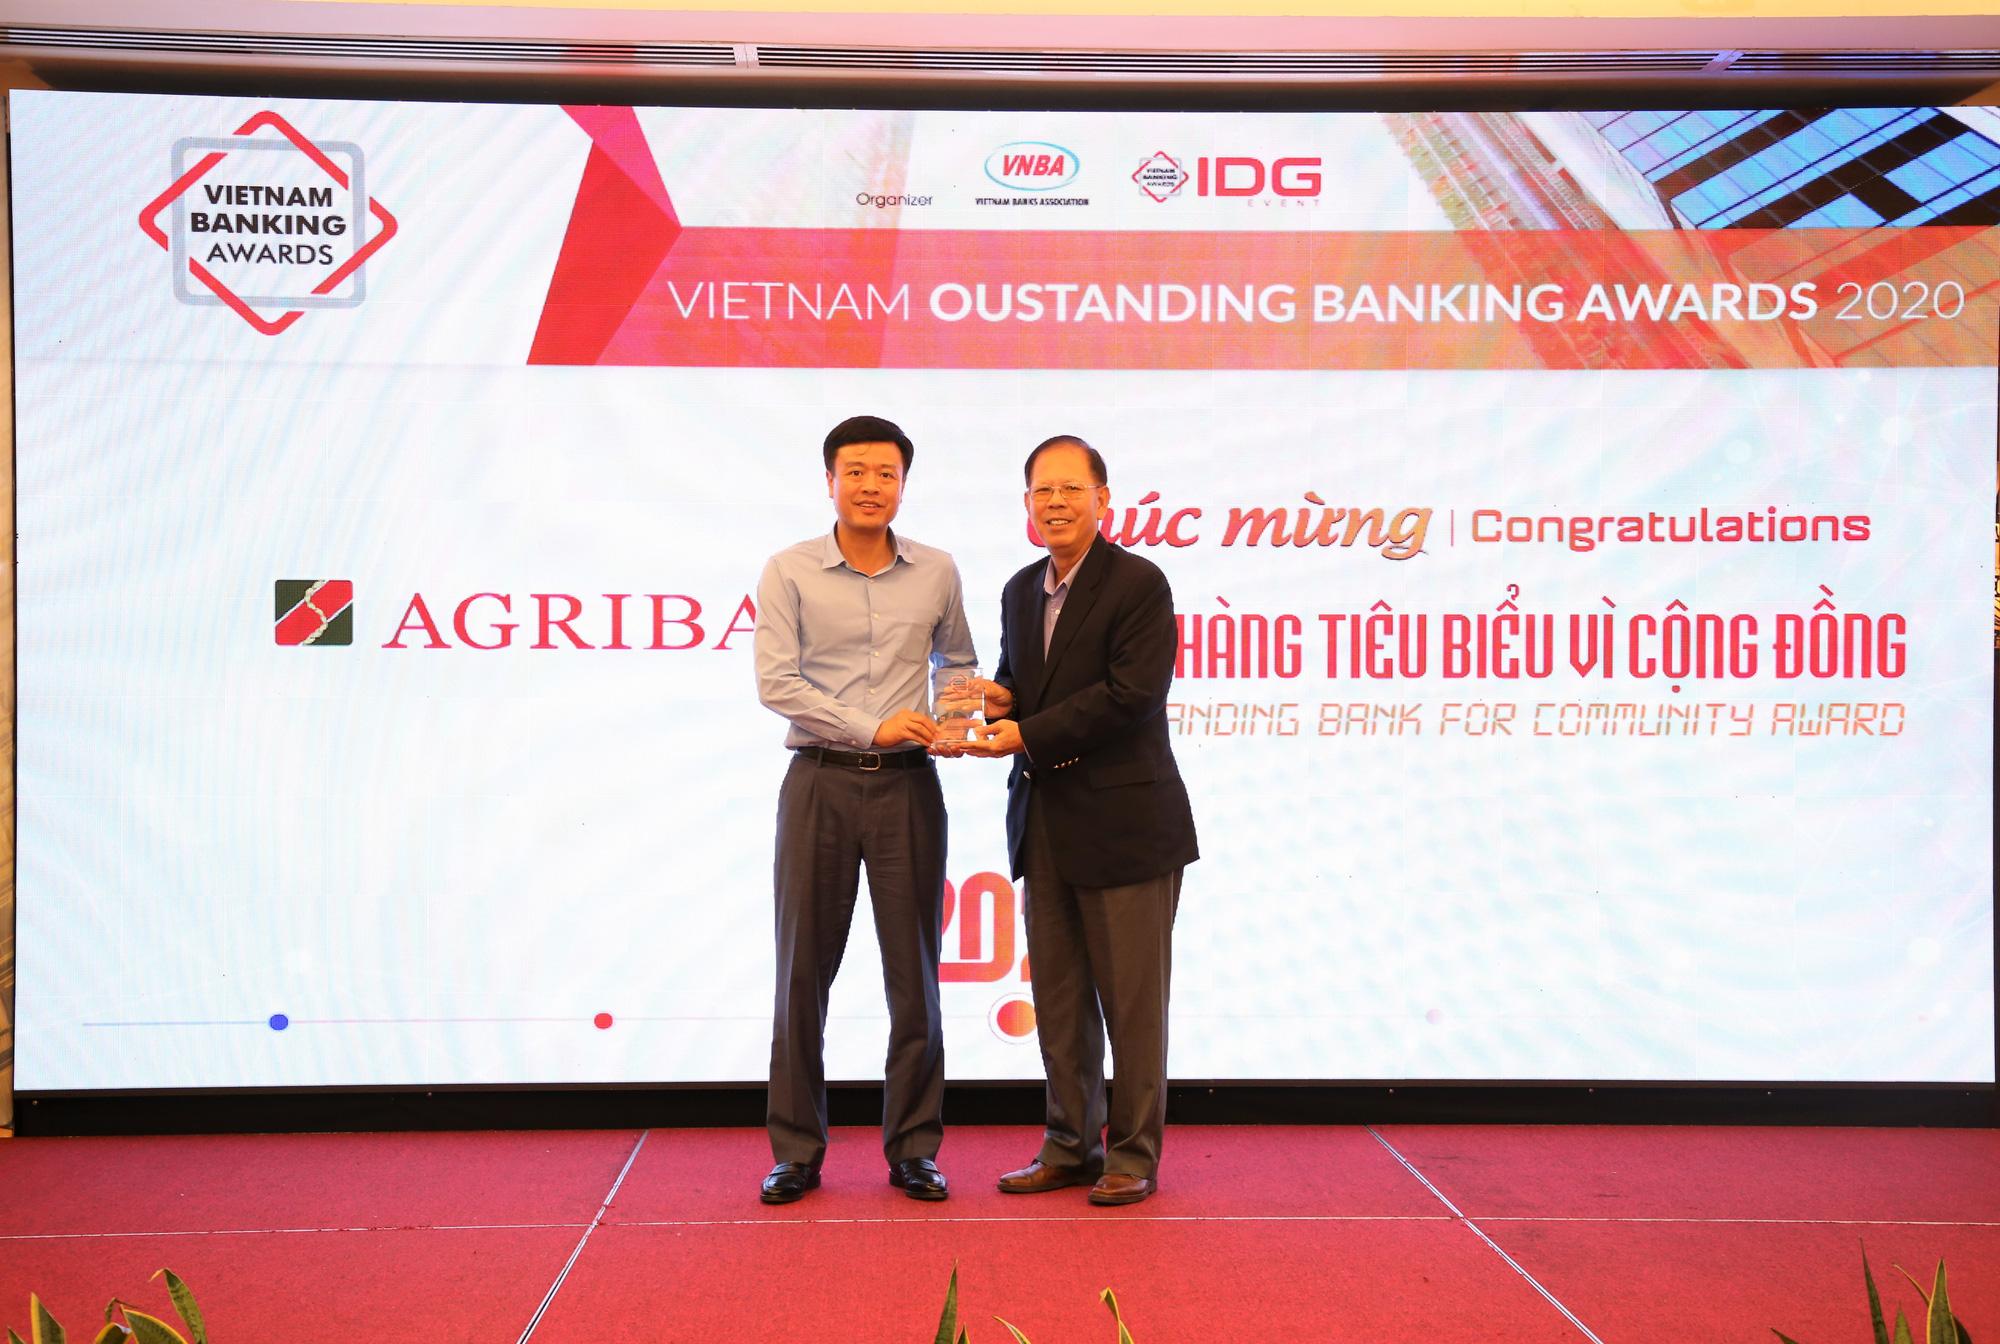 Agribank được vinh danh 2 giải thưởng Ngân hàng Việt Nam tiêu biểu 2020 - Ảnh 2.